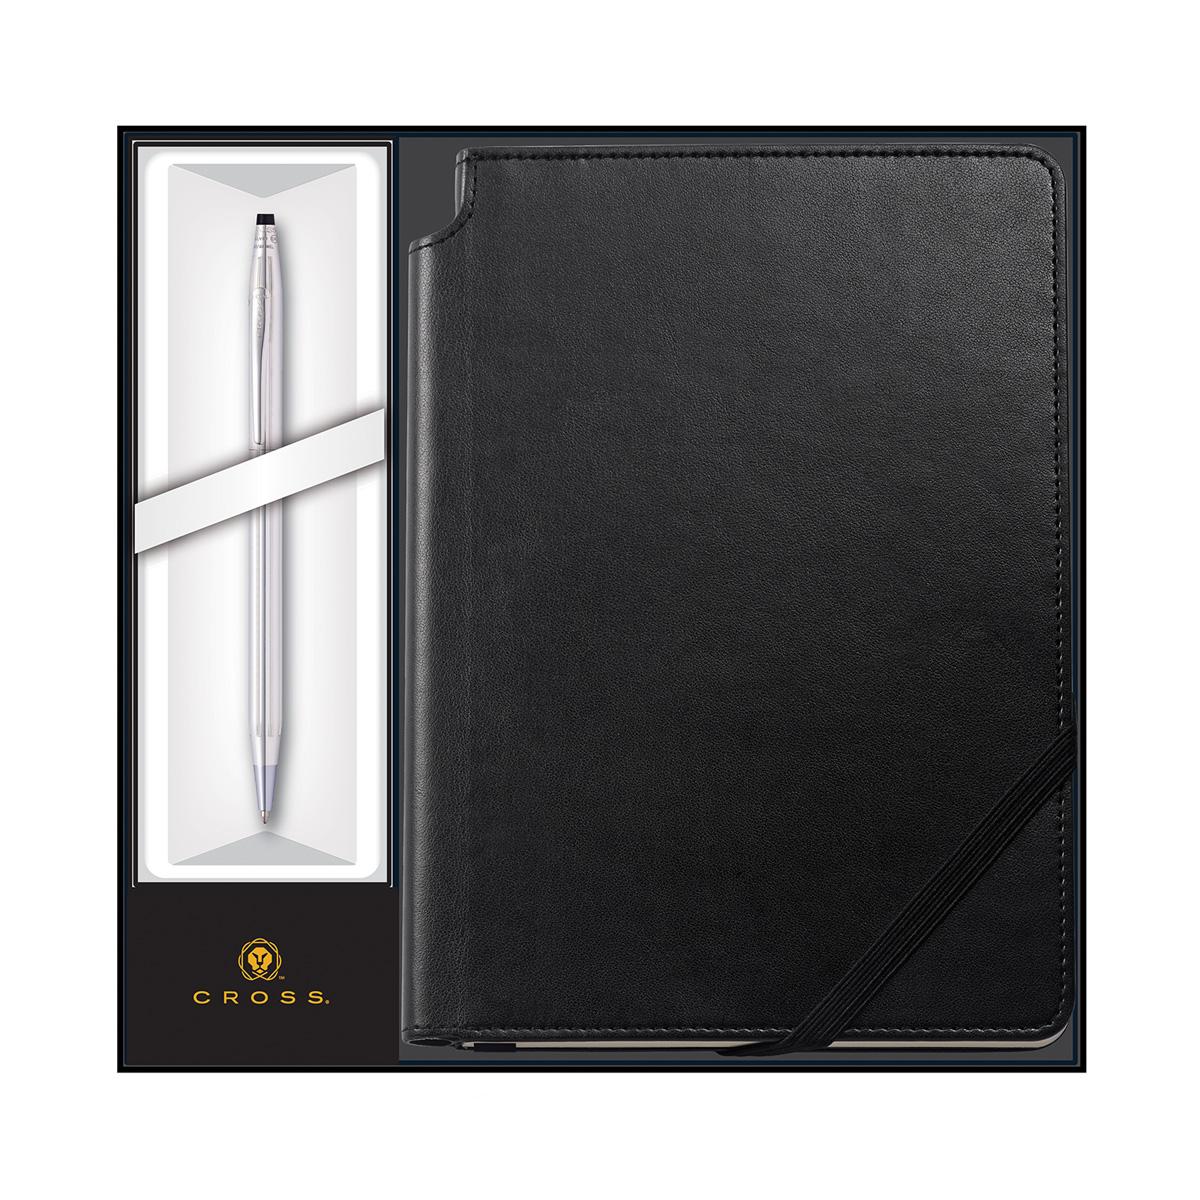 cross gift set chrome pen and black journal